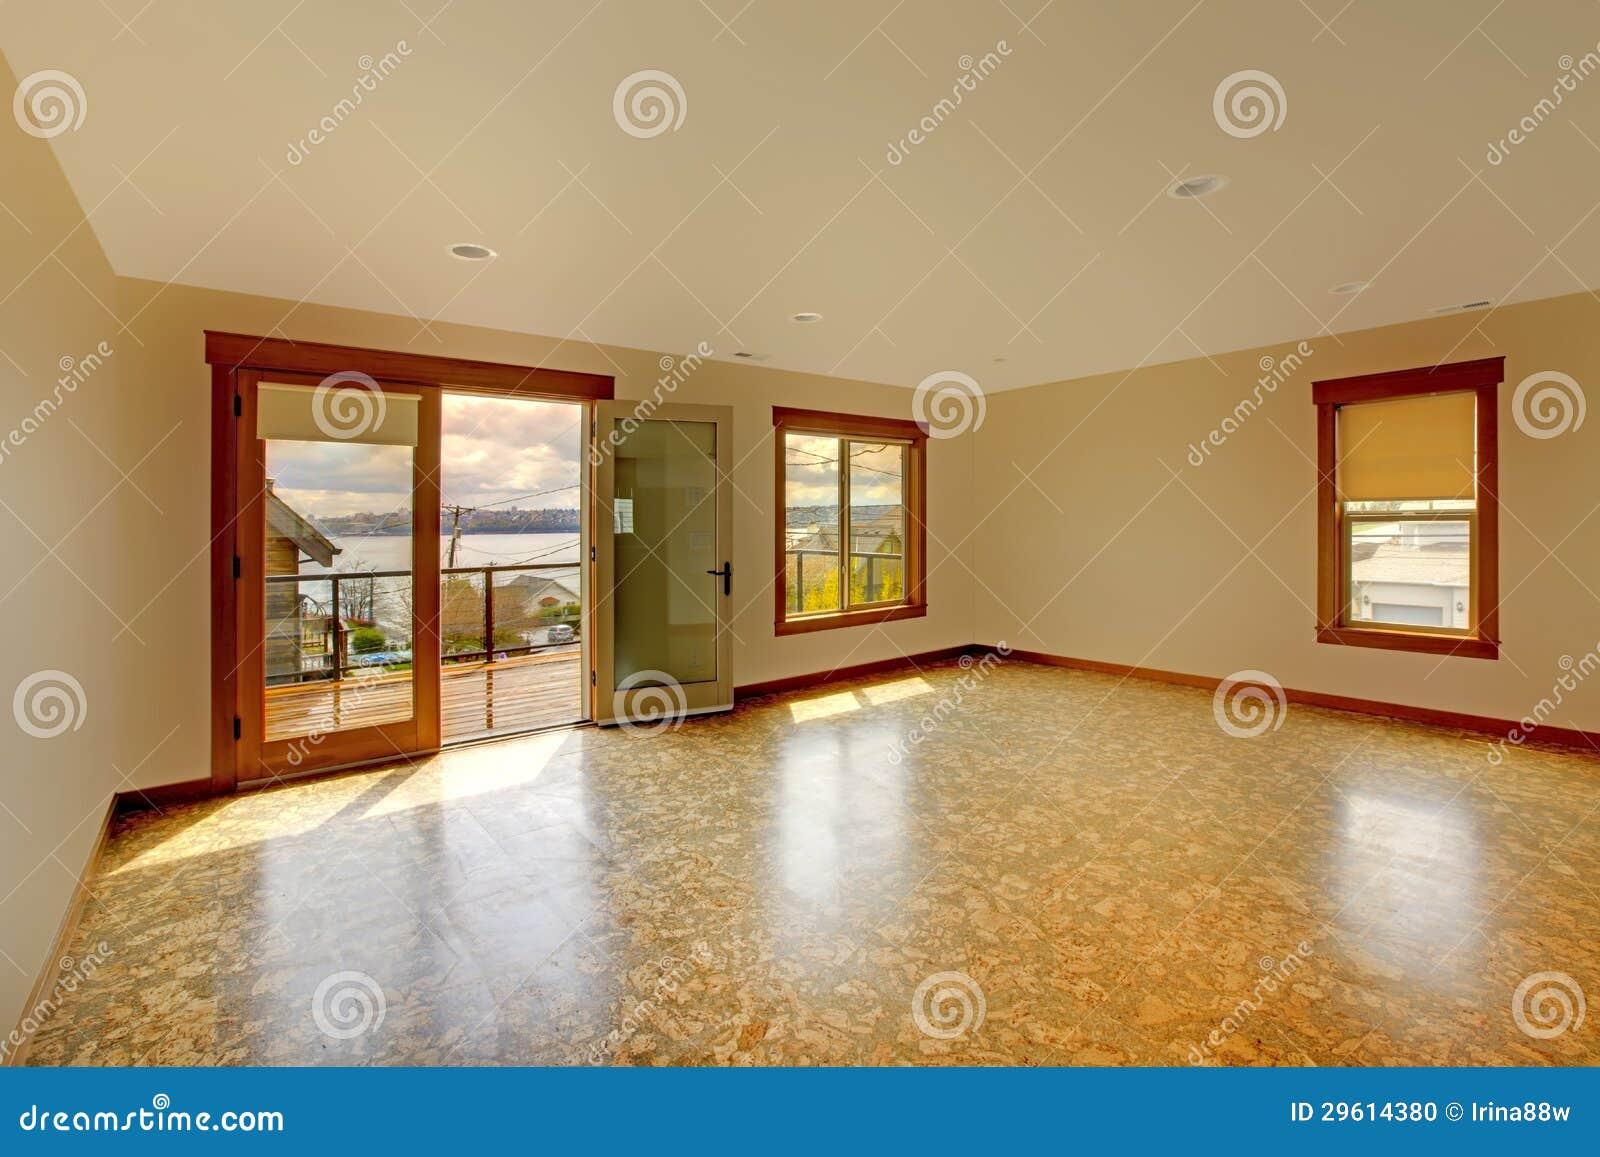 Vloer Voor Balkon : De heldere lege ruimte van lage met cork vloer en balkon stock